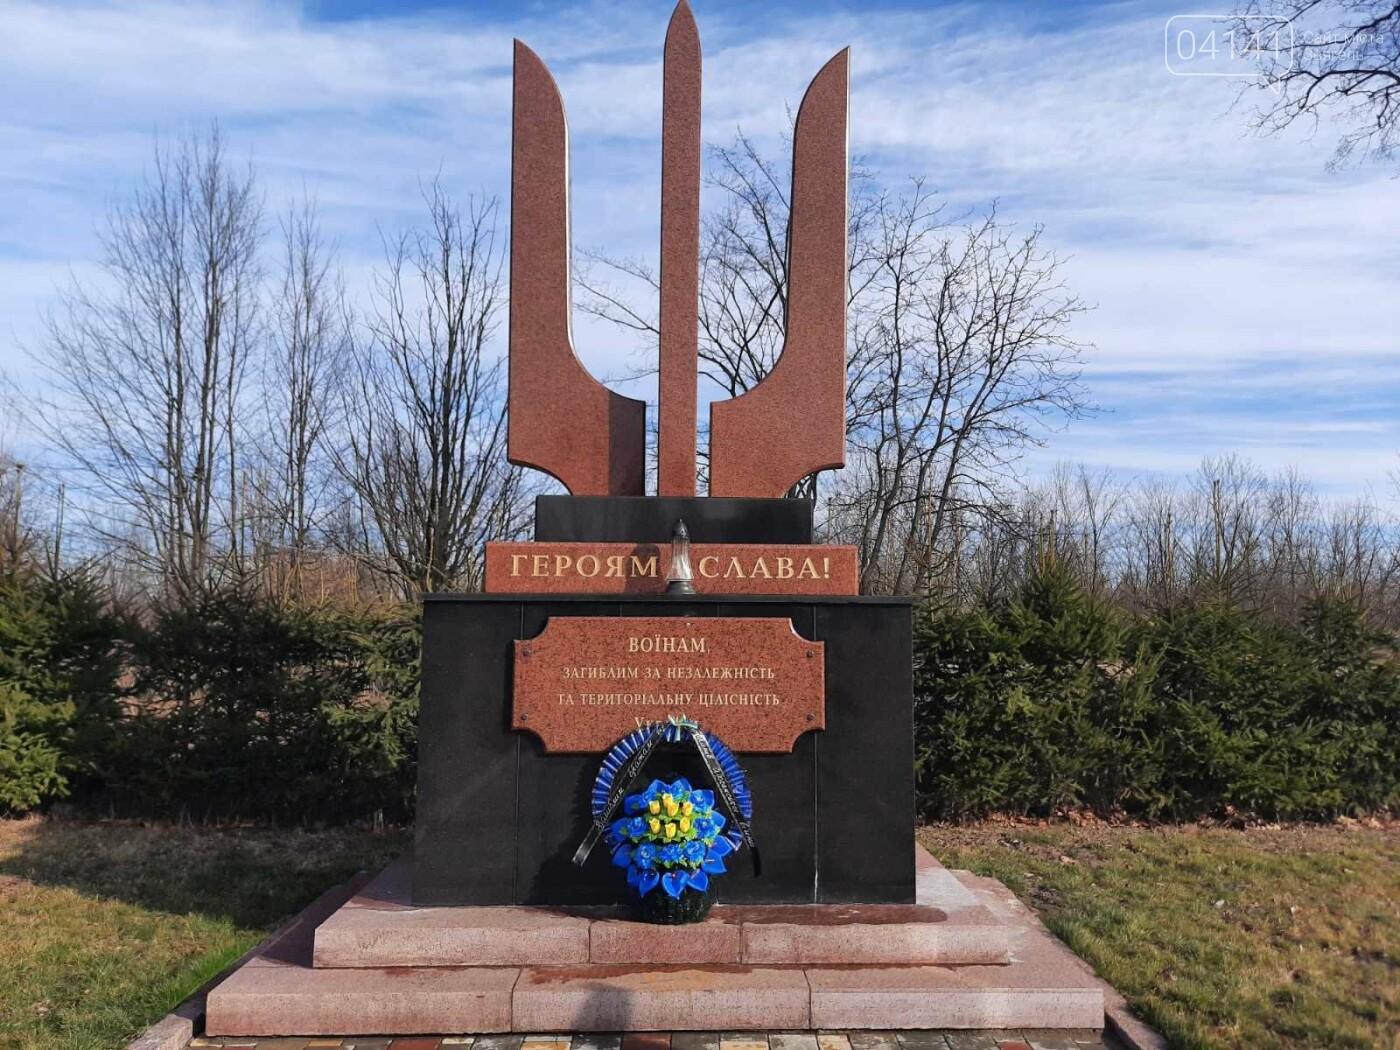 ТОП найкращих пам'ятників Новограда-Волинського (ФОТО), фото-6